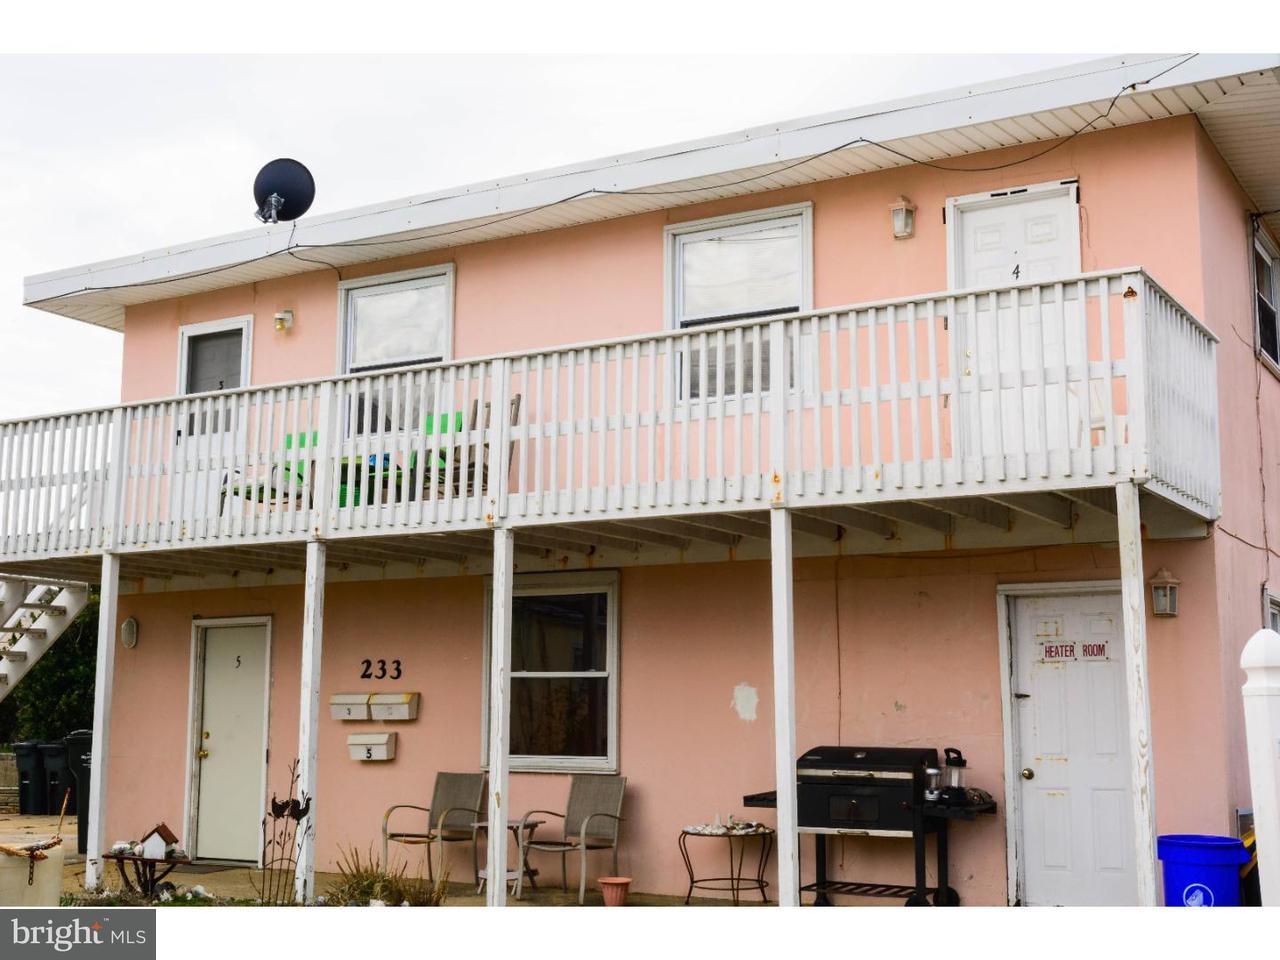 泰普 為 出售 在 233 QUAY BLVD Brigantine, 新澤西州 08203 美國